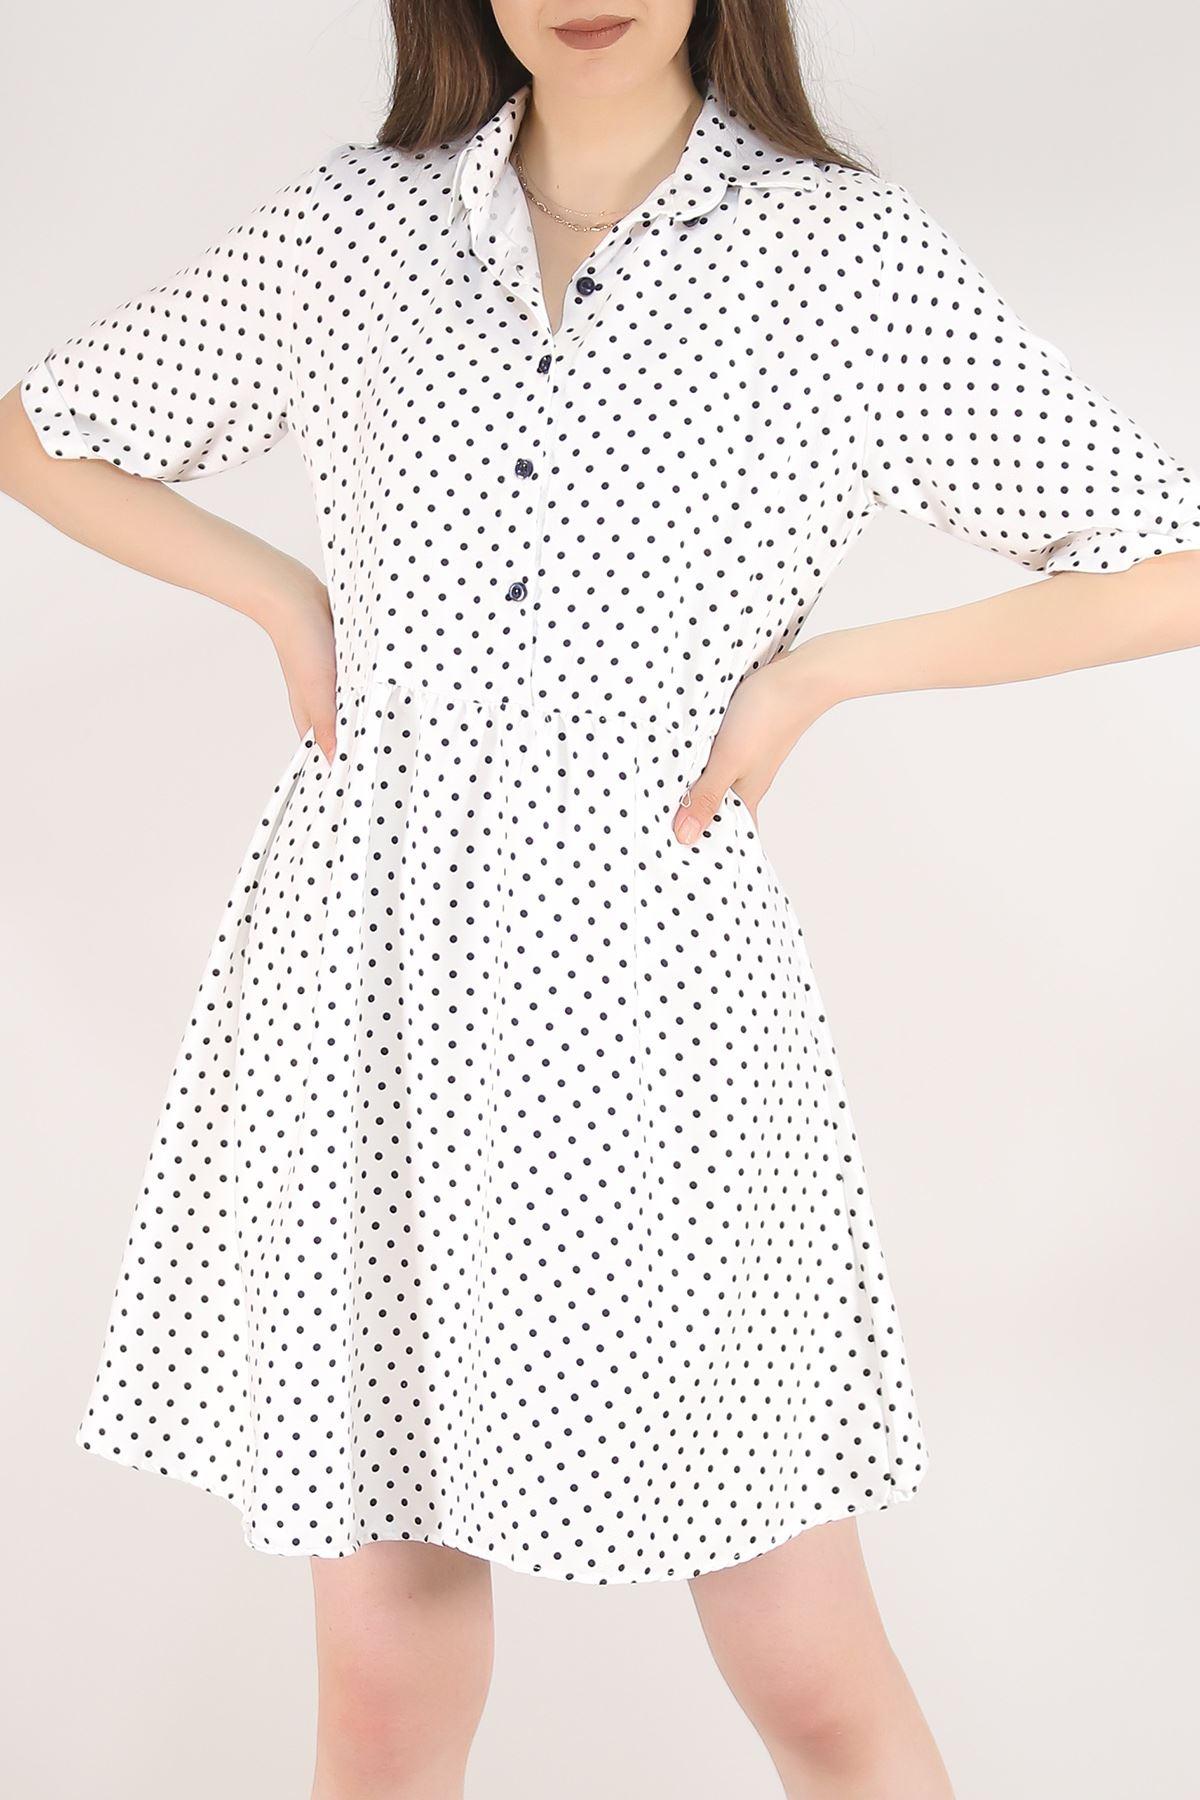 Kısa Puanlı Elbise Beyaz - 5582.701.